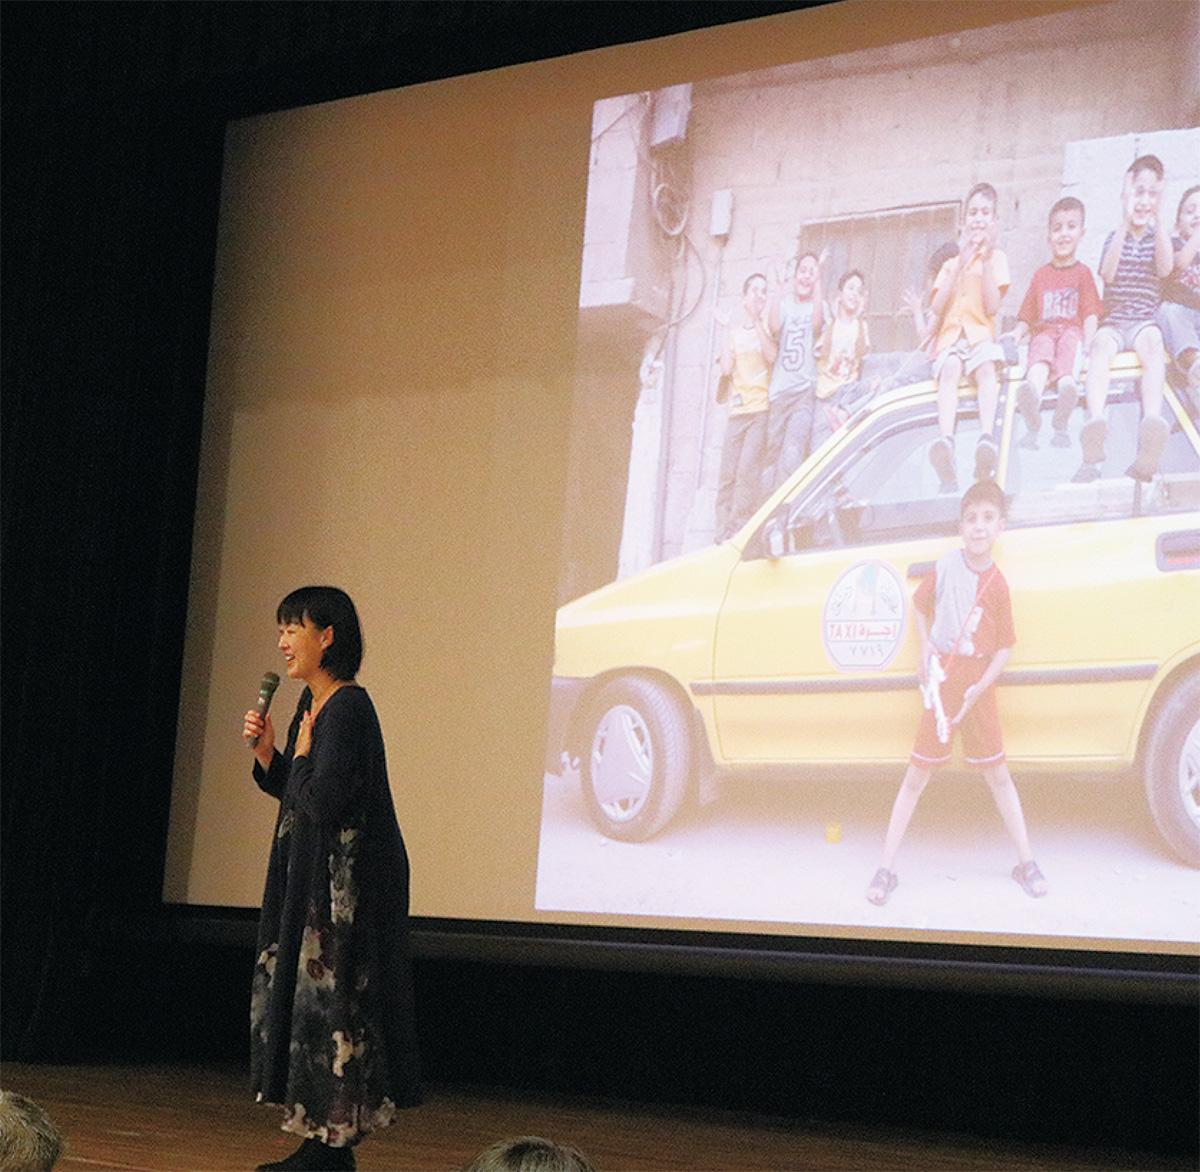 安田菜津紀さんが講演